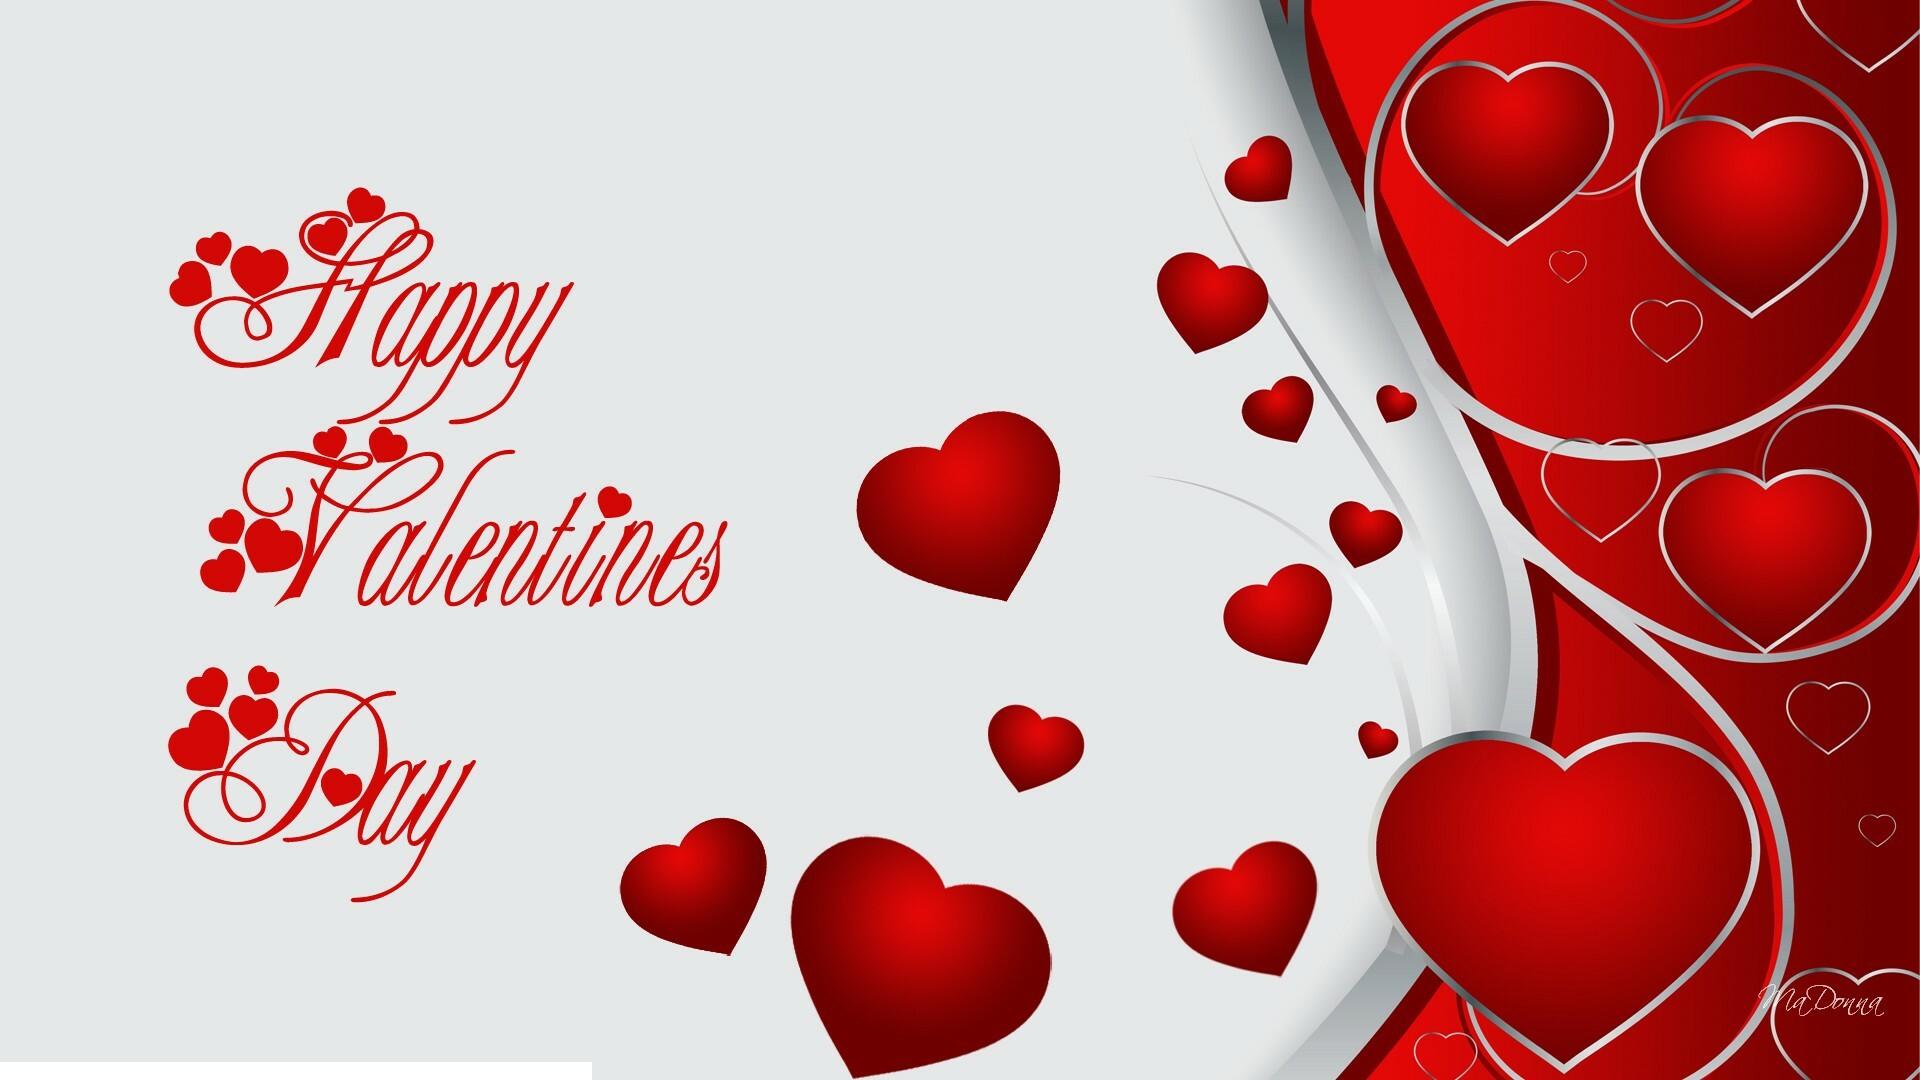 happy valentine day messeges